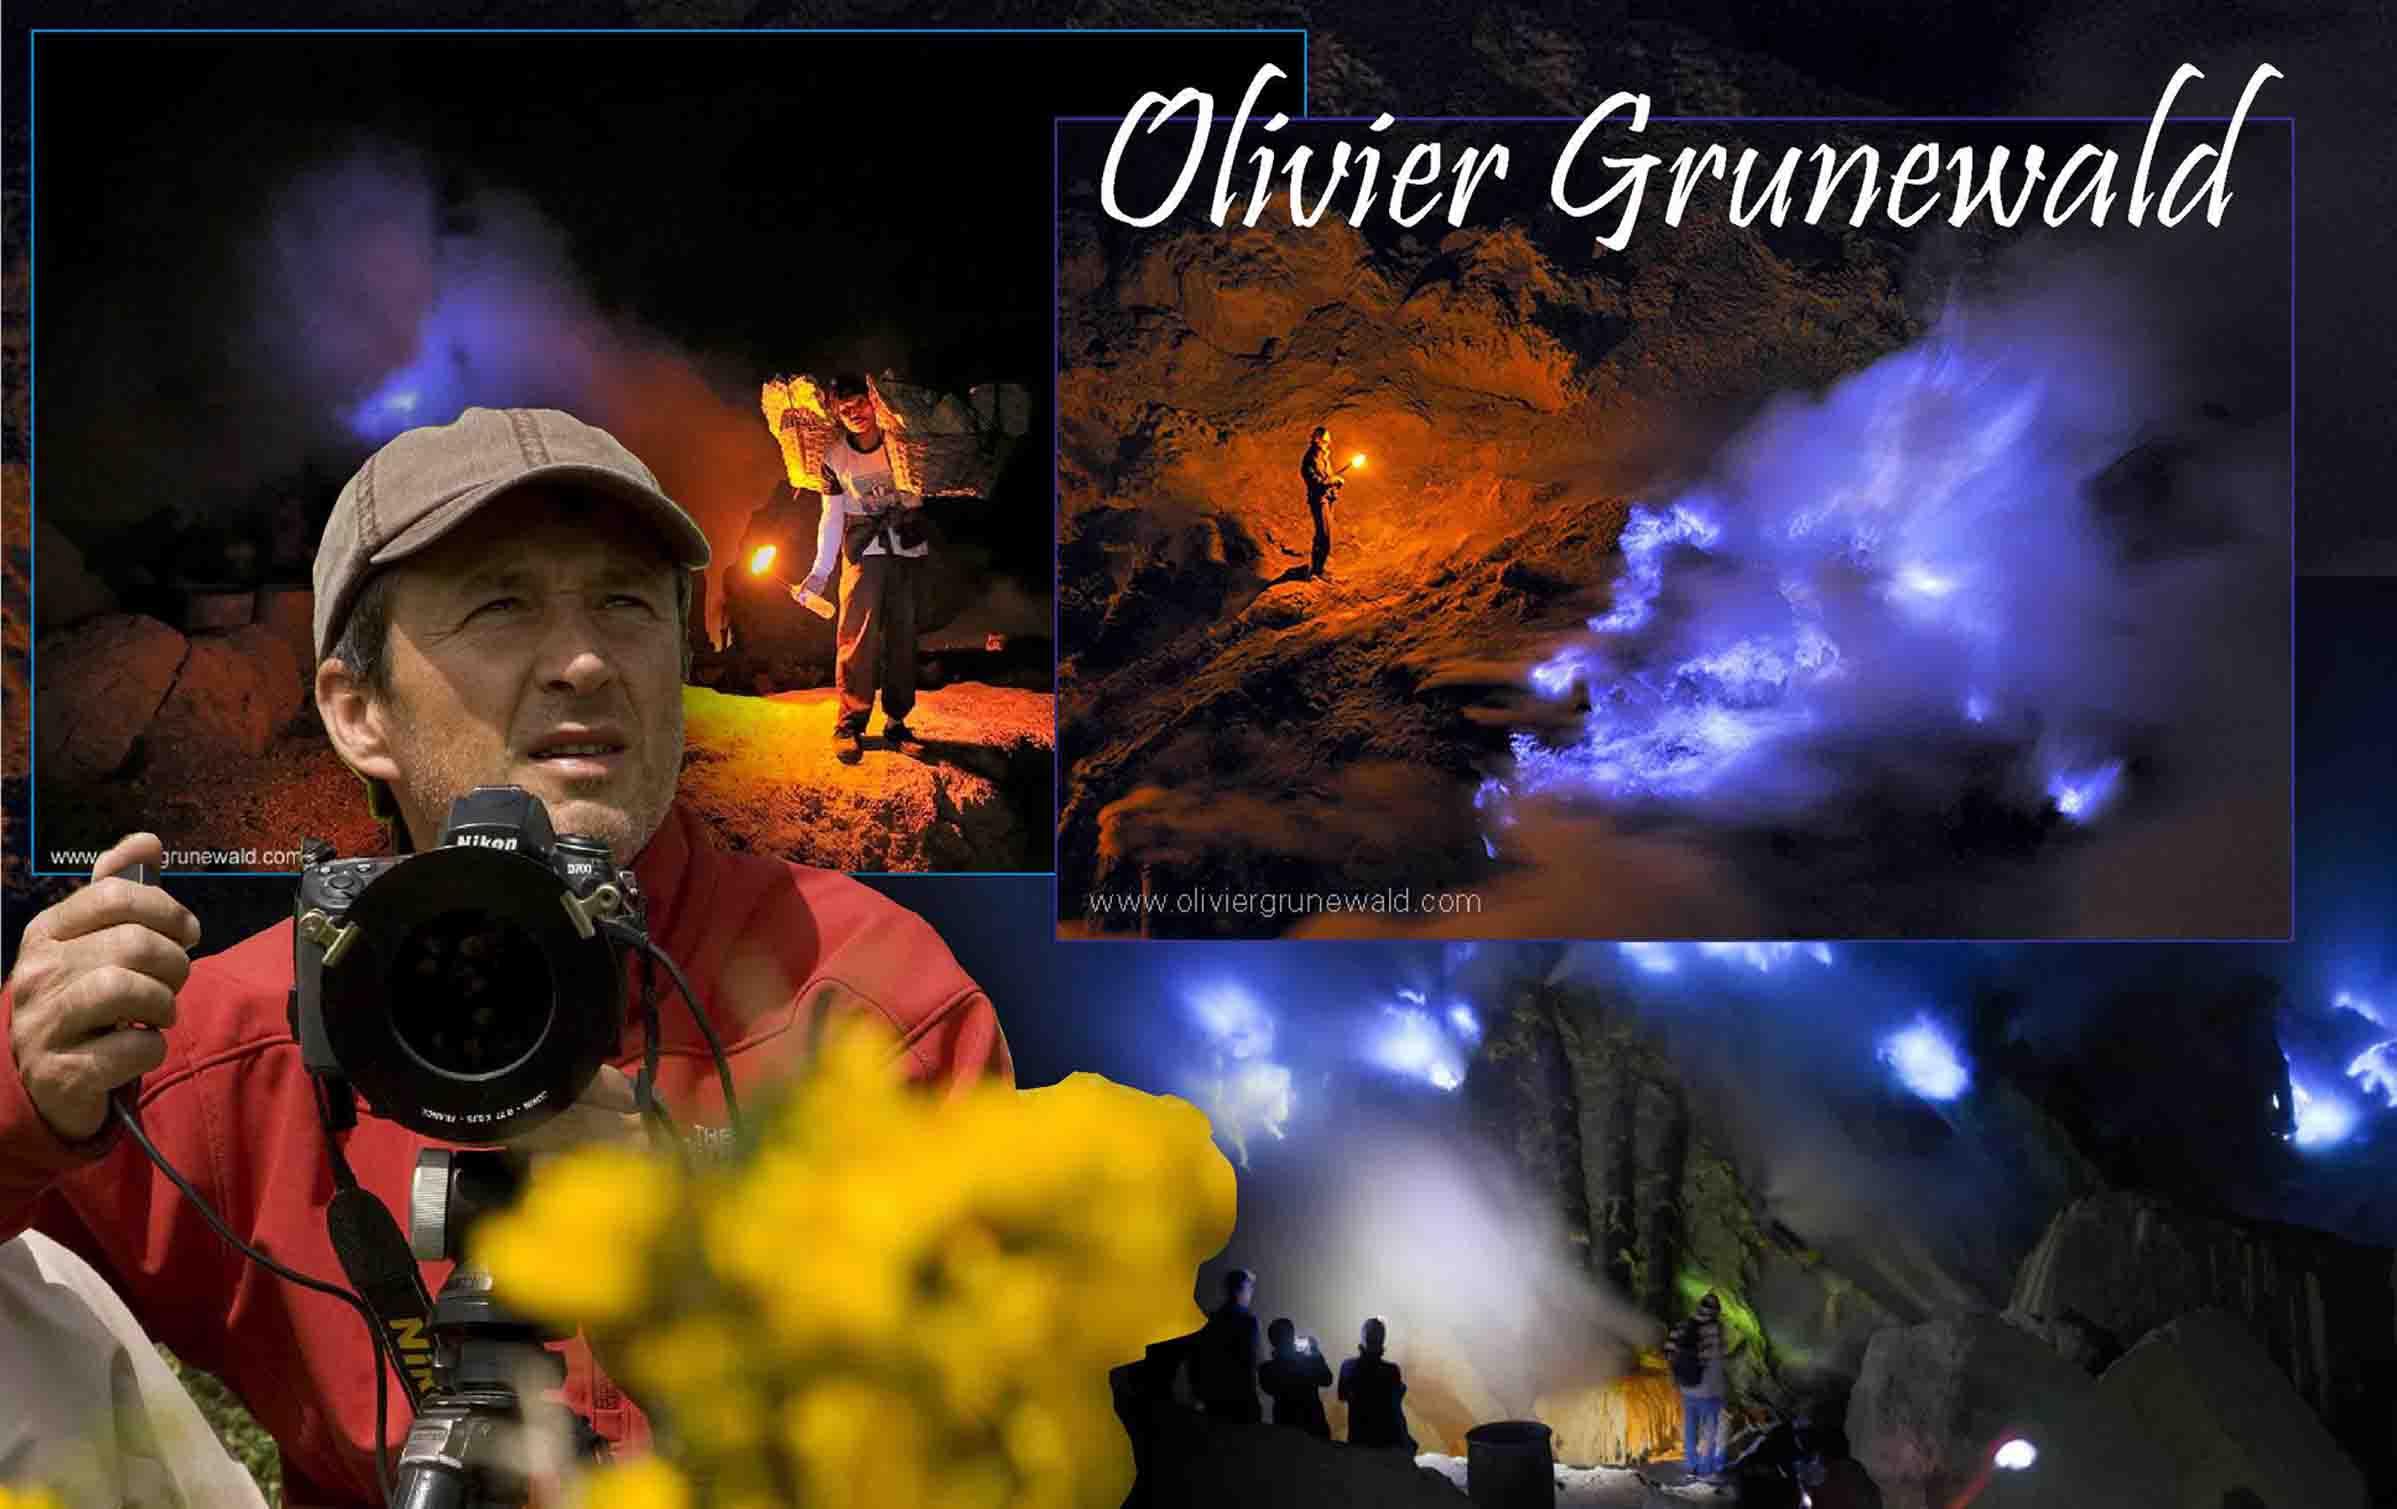 Olivier Grunewald, Foto api biru Kawah Ijen, Foto Kawah Ijen Blue Fire, fenomena blue fire di dunia, foto blue fire Banyuwangi